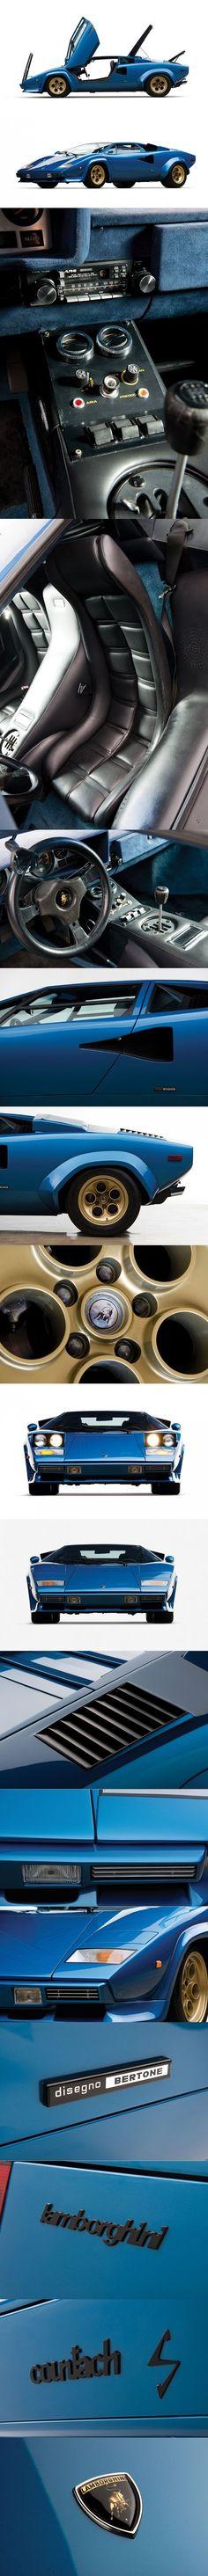 1978 Lamborghini Countach LP400S / Marcello Gandini @ Bertone / Italy / blue gold - https://www.luxury.guugles.com/1978-lamborghini-countach-lp400s-marcello-gandini-bertone-italy-blue-gold/